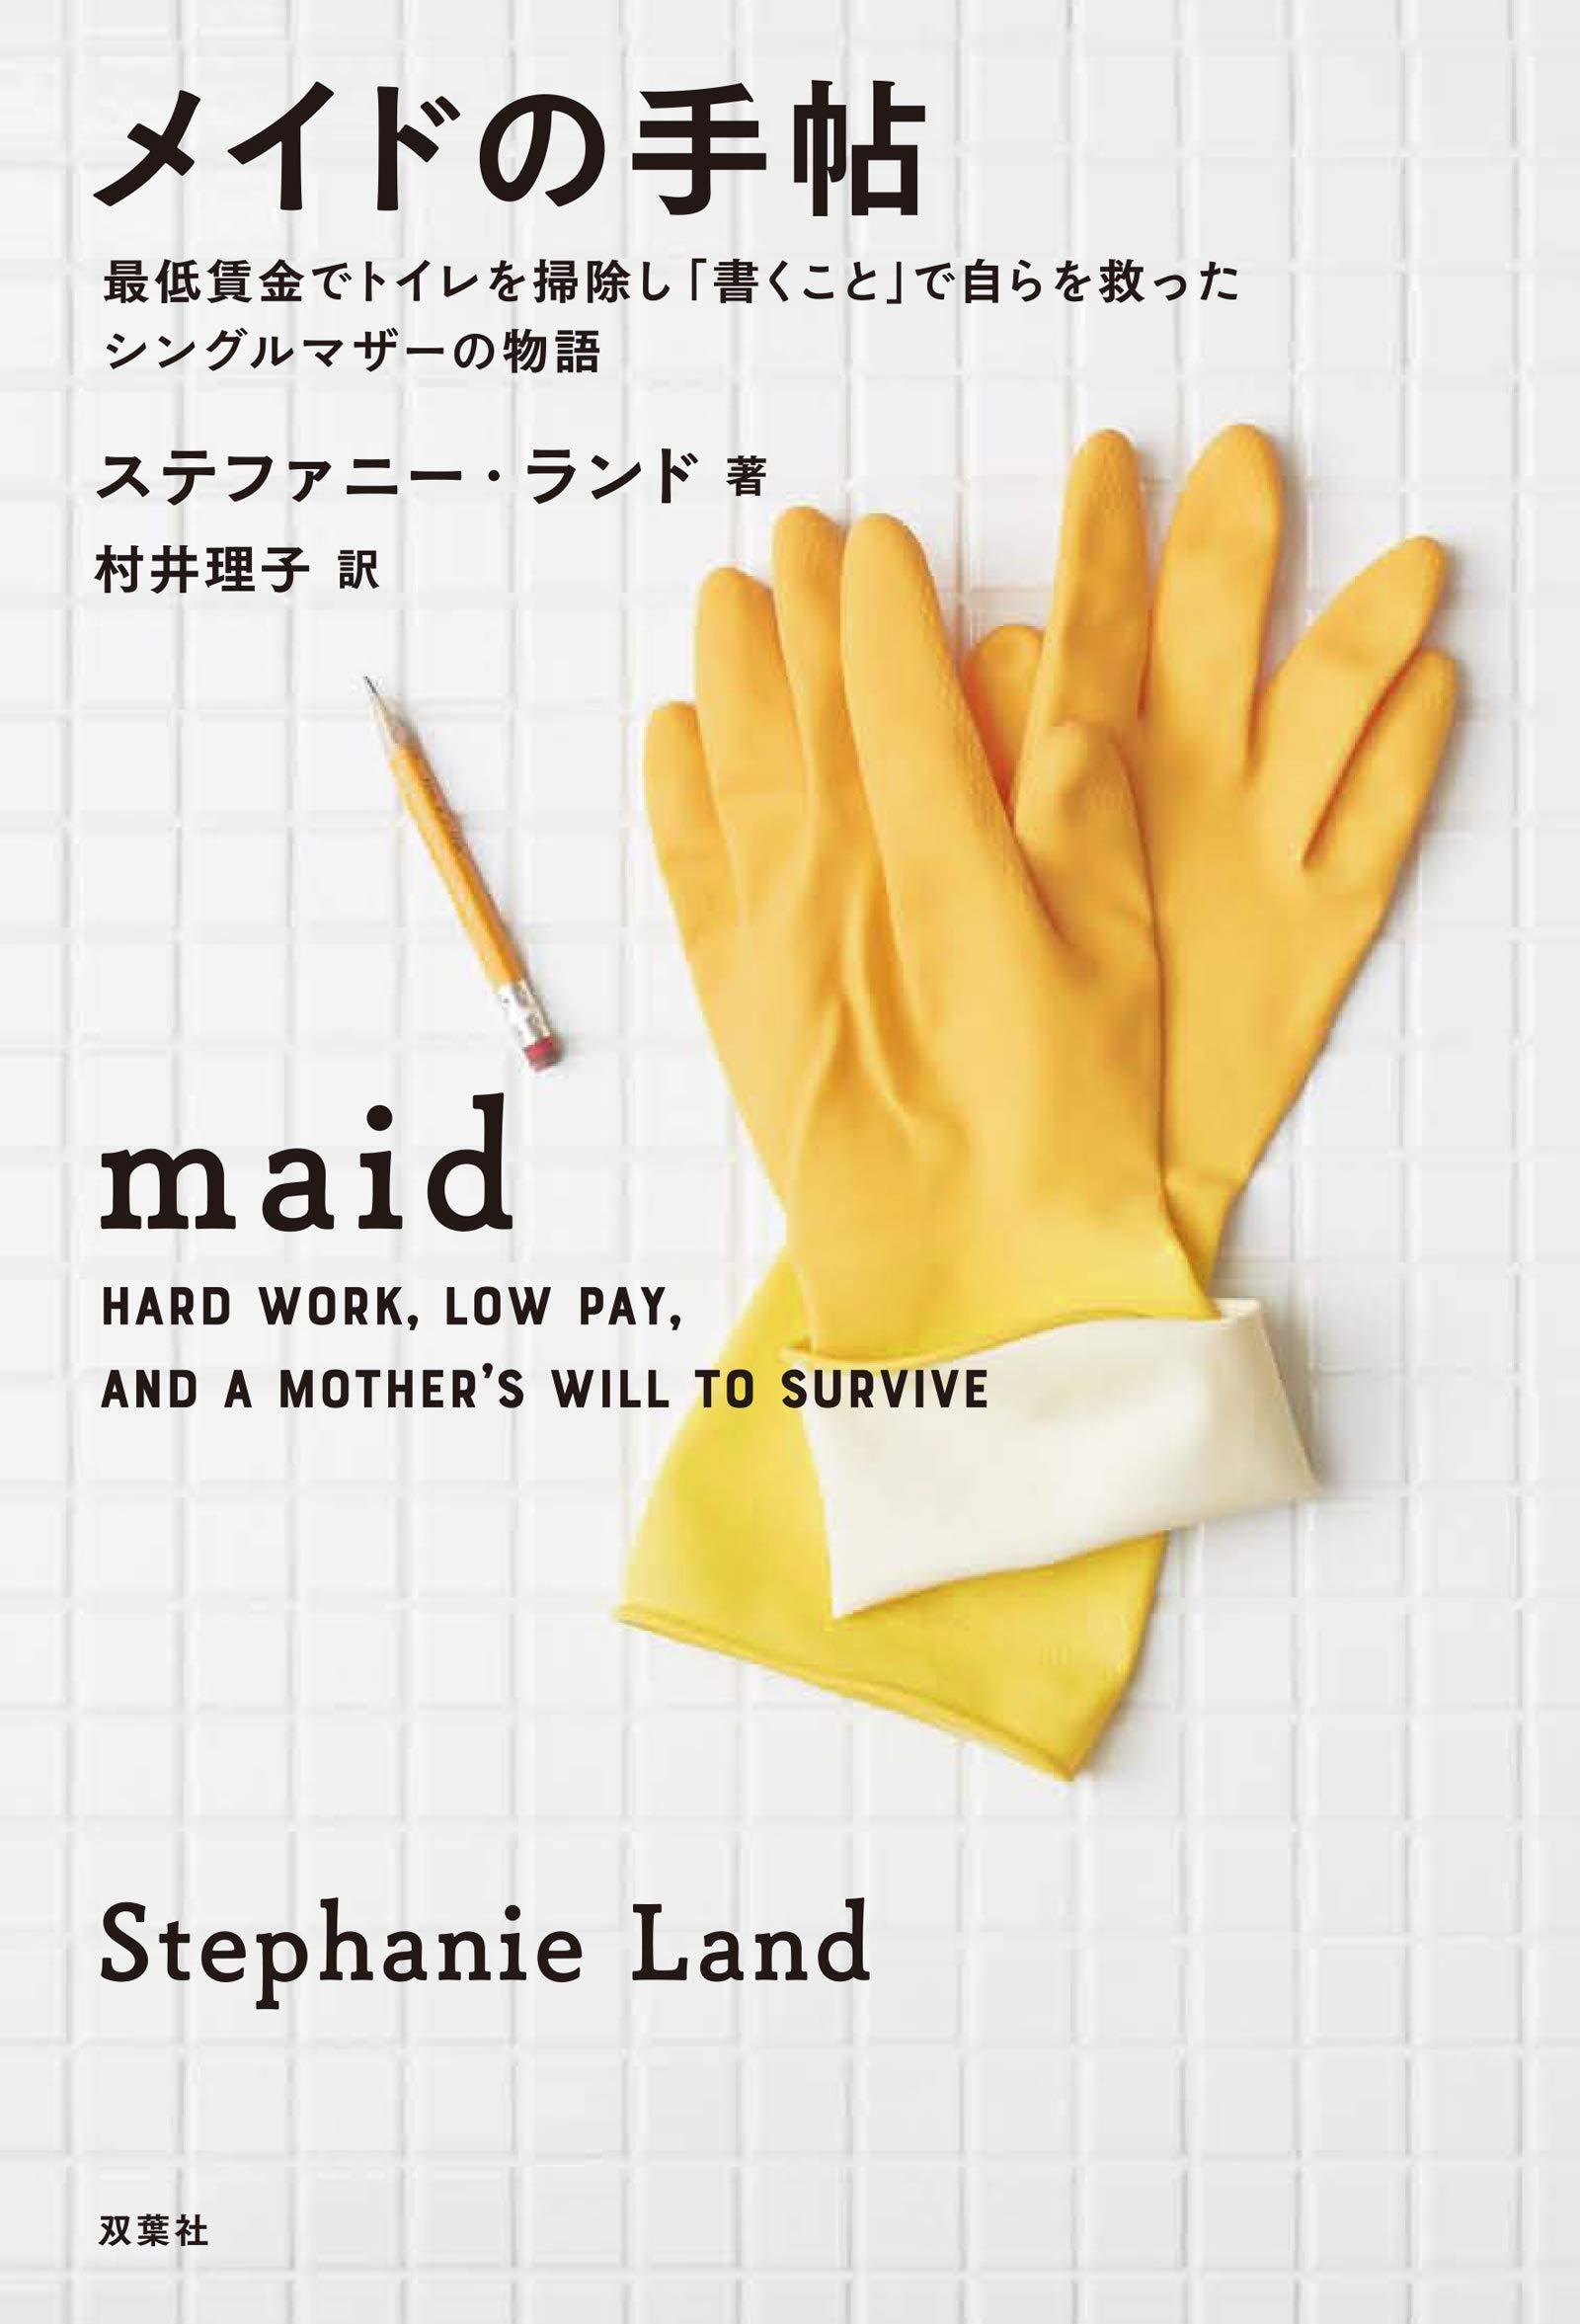 メイドの手帖 最低賃金でトイレを掃除し「書くこと」で自らを救ったシングルマザーの物語: 9784575315585: Amazon.com: Books